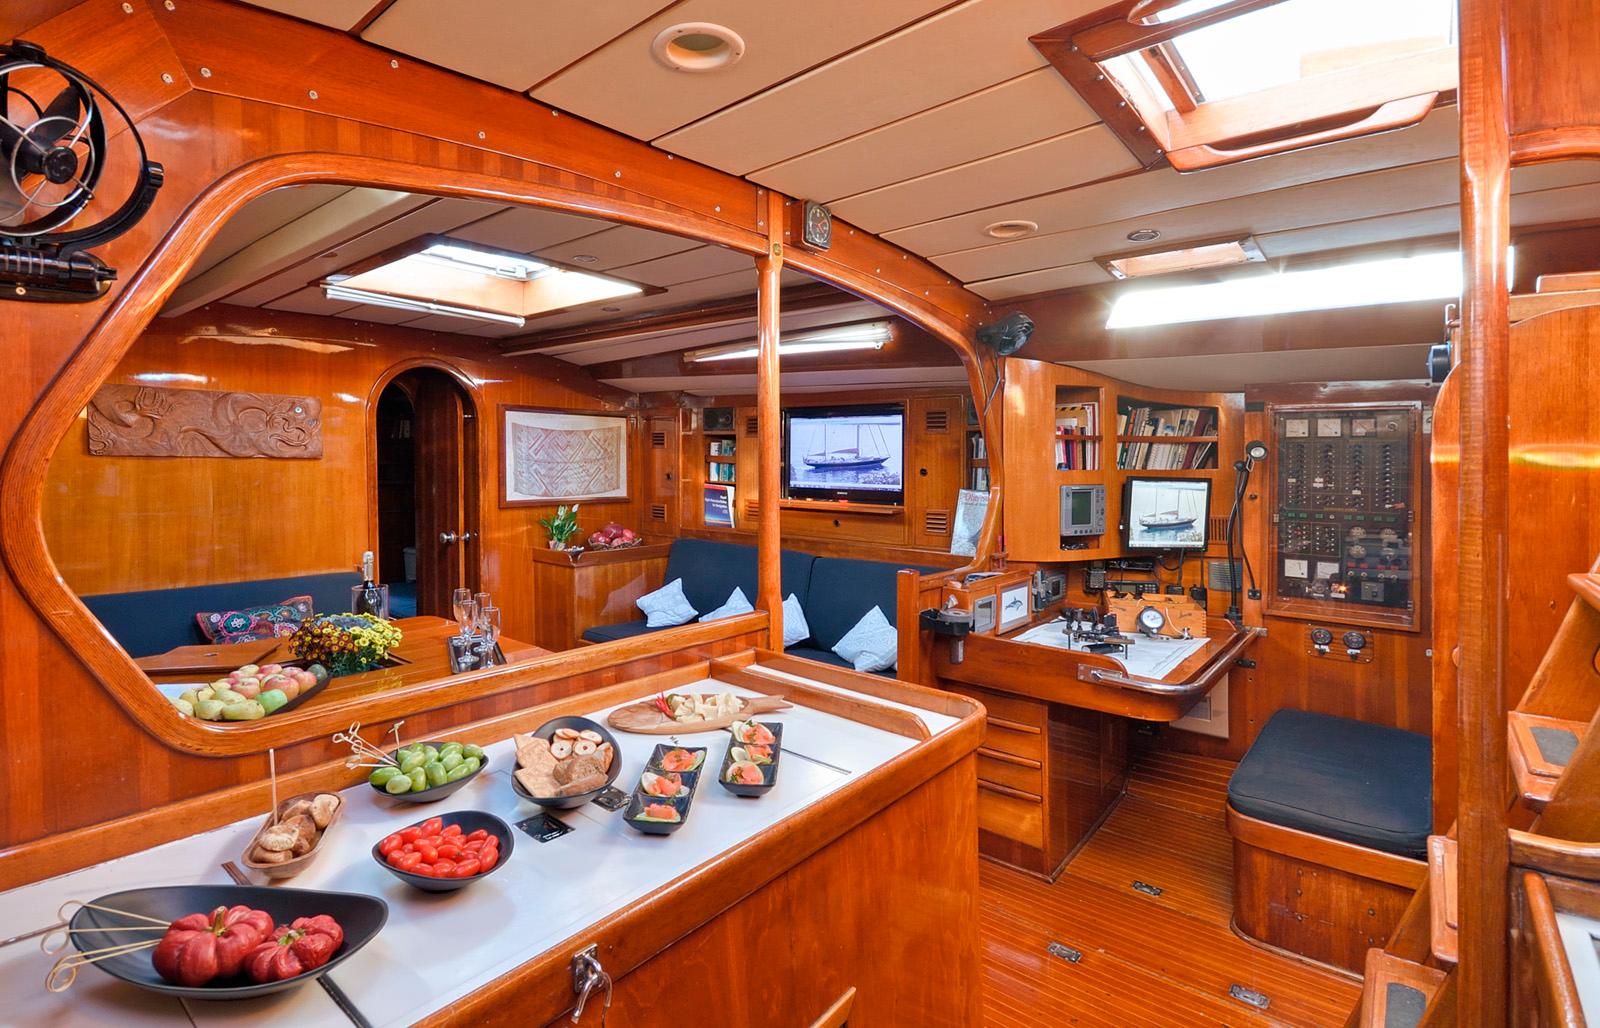 tangaroa yacht equinoxe interior